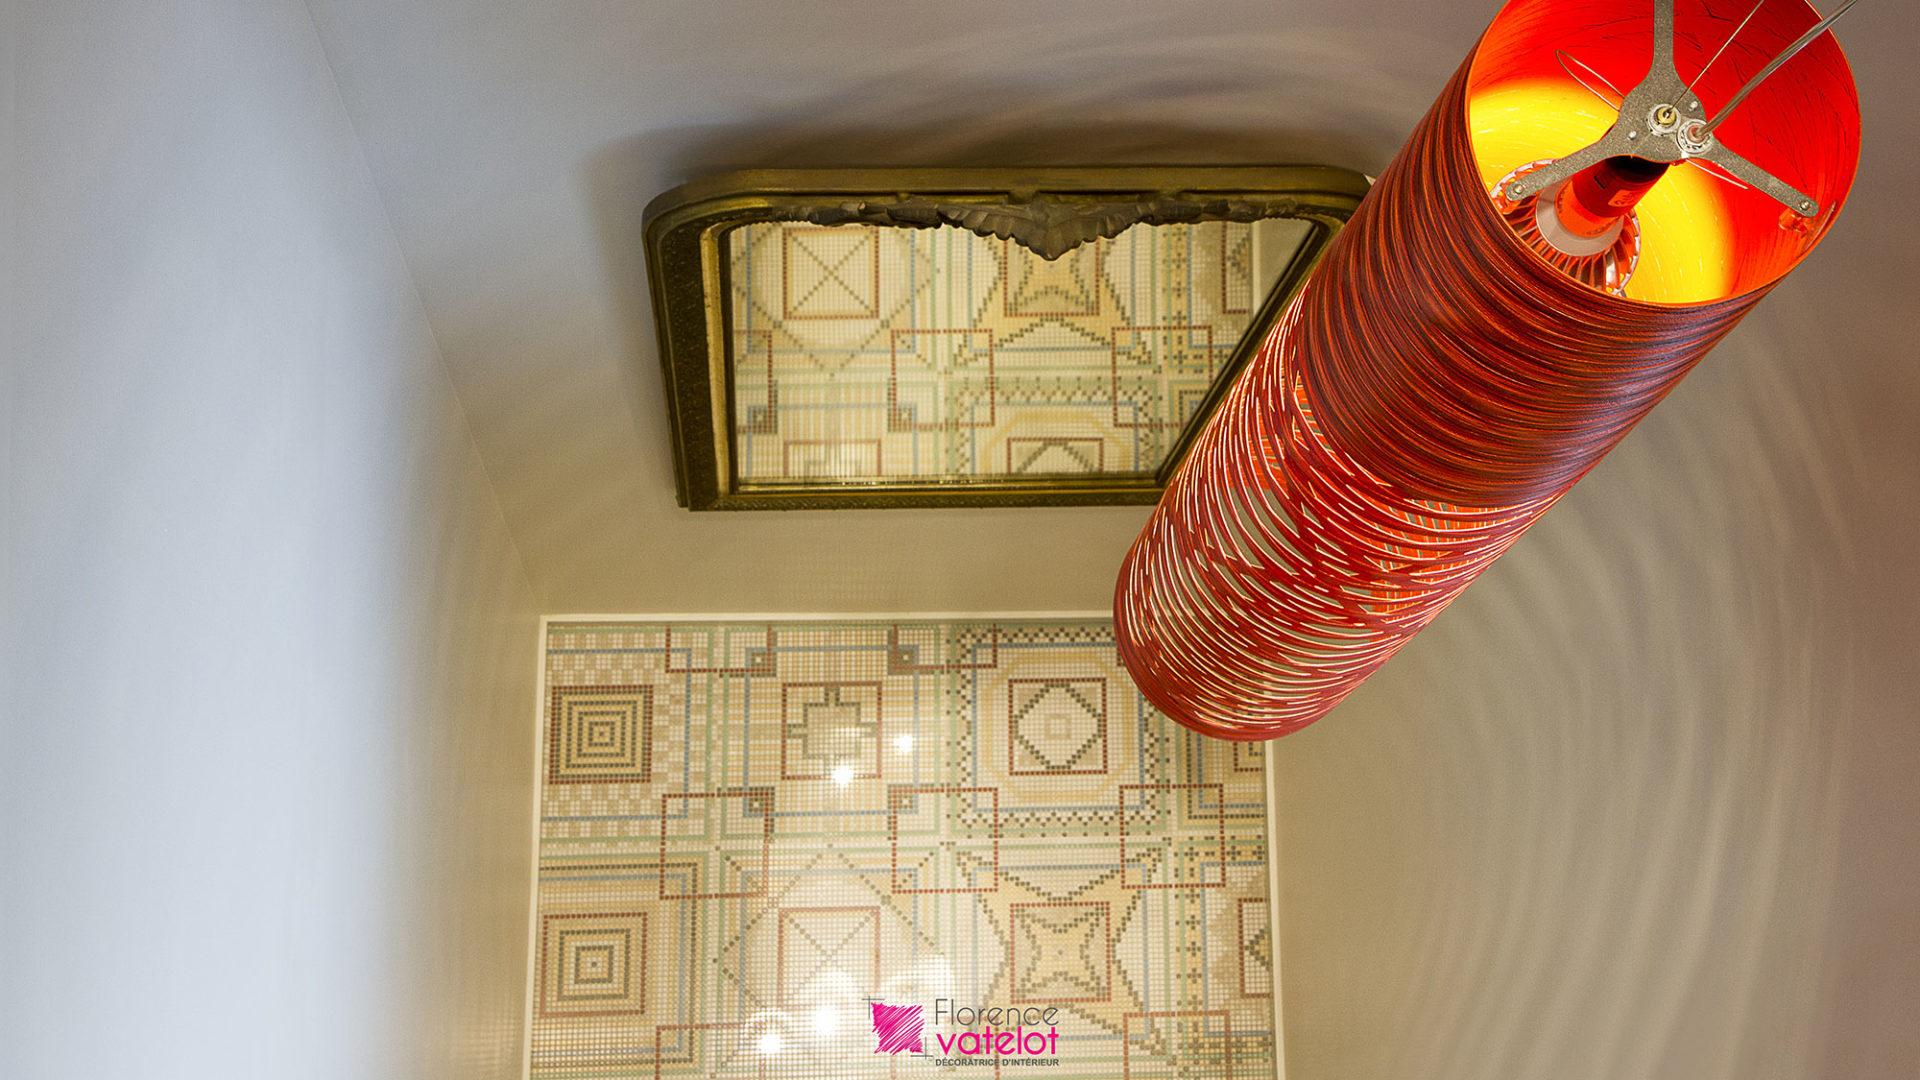 Décoration d'une maison par Florence Vatelot, Décoratrice UFDI à St Malo, Dinan, Dinard et Cancale (22)